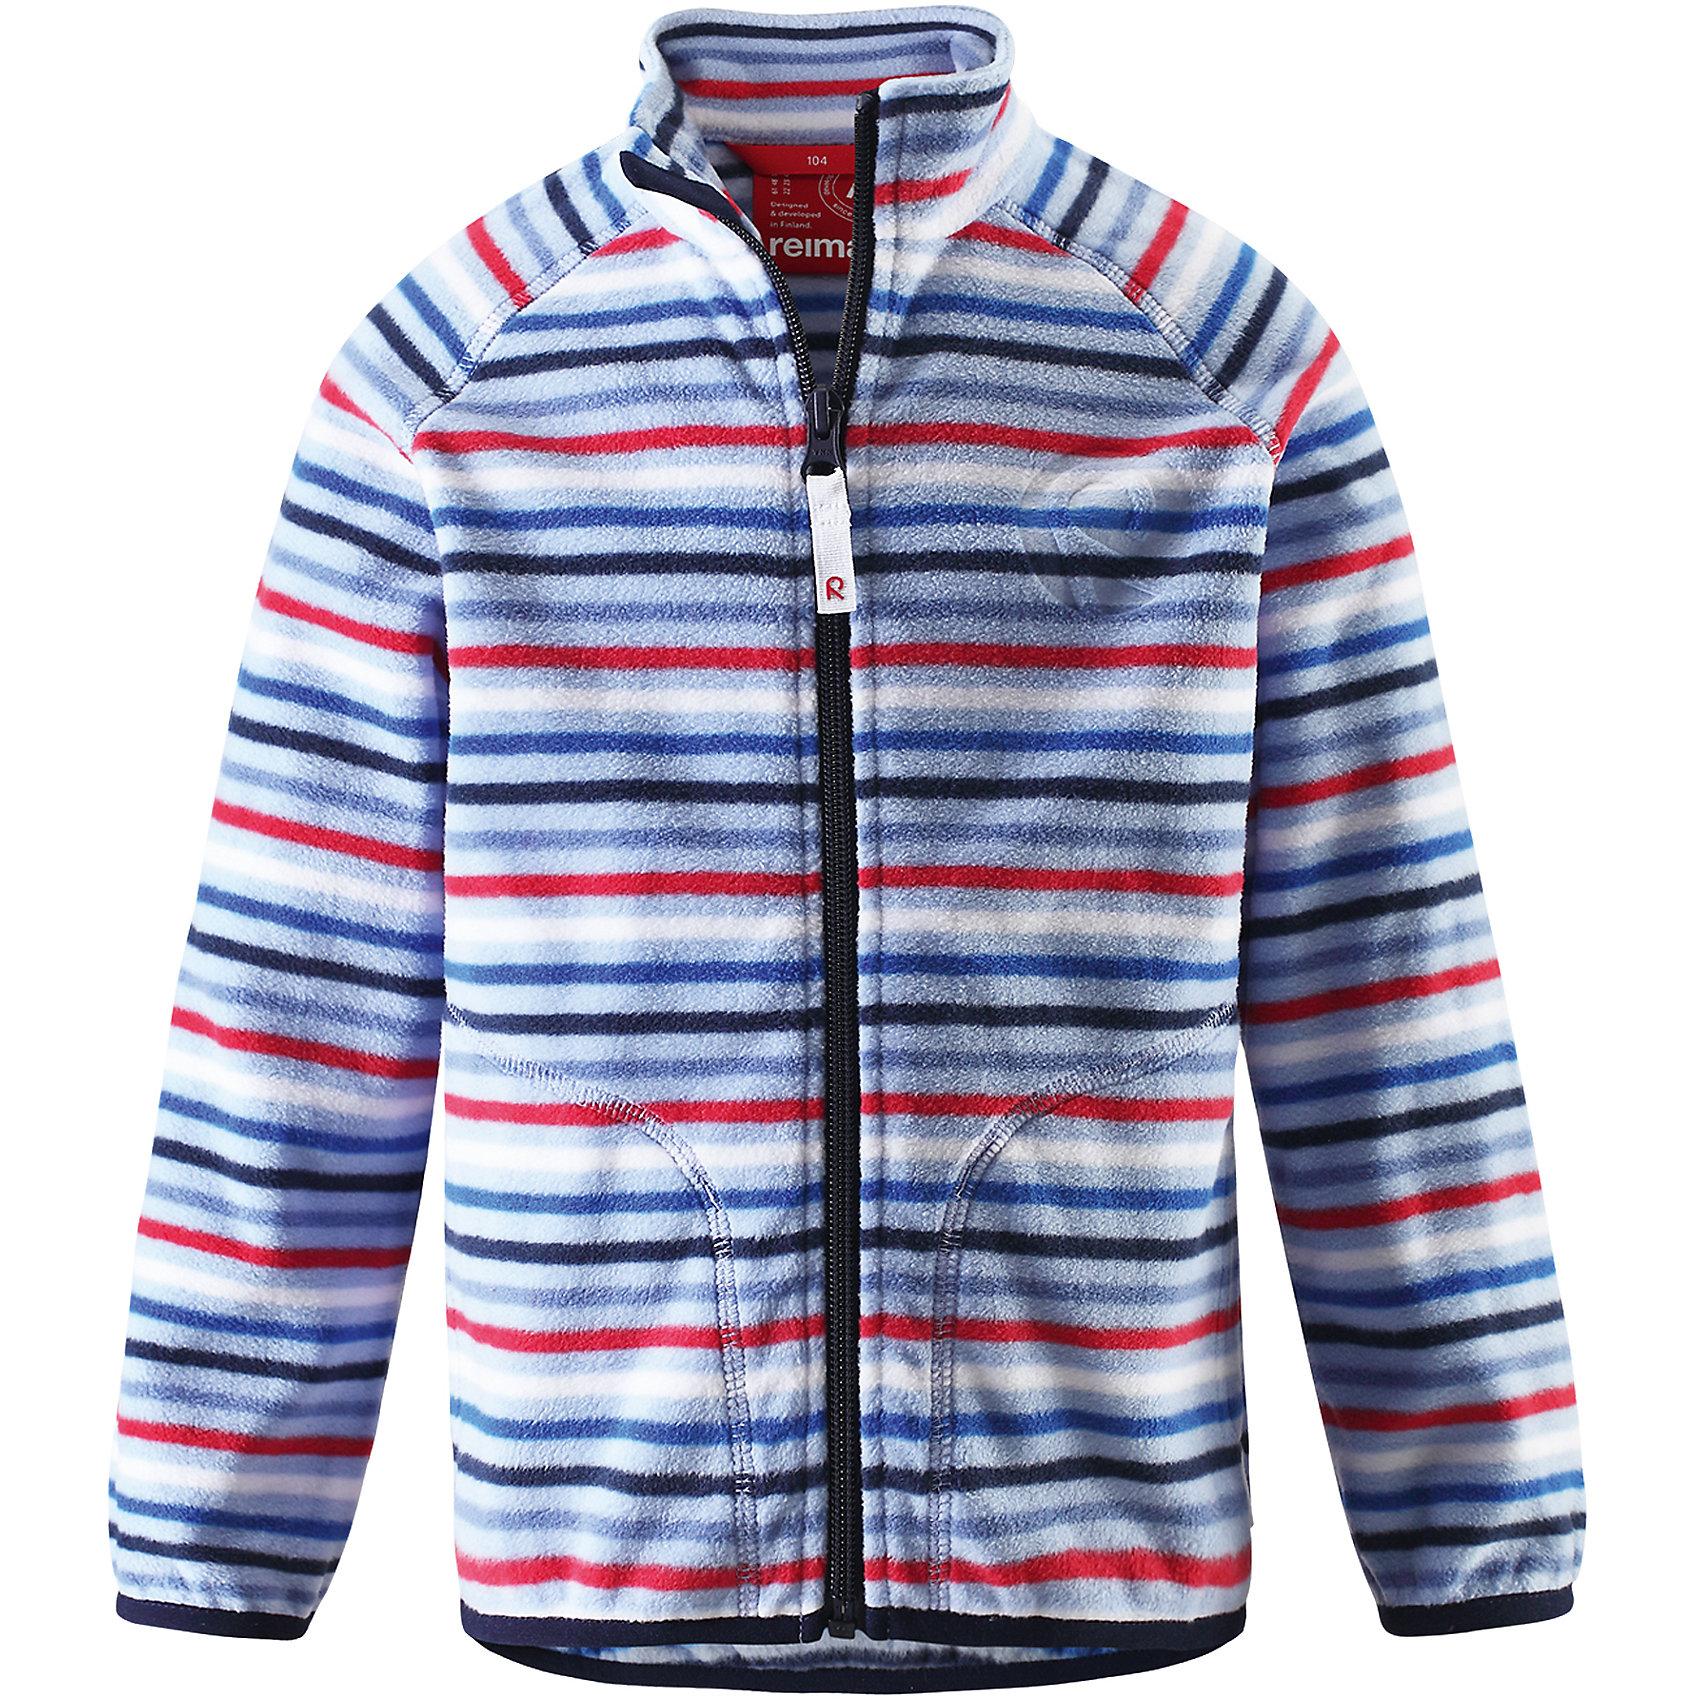 Куртка флисовая Inrun ReimaФлис и термобелье<br>Характеристики товара:<br><br>• цвет: голубой<br>• состав: 100% полиэстер<br>• поларфлис<br>• аппликация<br>• молния<br>• защита подбородка<br>• приятная на ощупь ткань<br>• карманы<br>• может пристегиваться к верхней одежде Reima® кнопками Play Layers®<br>• эластичные манжеты и подол<br>• удлиненная сзади<br>• комфортная посадка<br>• страна производства: Китай<br>• страна бренда: Финляндия<br>• коллекция: весна-лето 2017<br><br>Одежда для детей может быть модной и комфортной одновременно! Удобная курточка поможет обеспечить ребенку комфорт и тепло. Изделие сшито из поларфлис - мягкого и теплого материала, приятного на ощупь. Модель стильно смотрится, отлично сочетается с различным низом. Стильный дизайн разрабатывался специально для детей.<br><br>Одежда и обувь от финского бренда Reima пользуется популярностью во многих странах. Эти изделия стильные, качественные и удобные. Для производства продукции используются только безопасные, проверенные материалы и фурнитура. Порадуйте ребенка модными и красивыми вещами от Reima! <br><br>Куртку флисовую для мальчика от финского бренда Reima (Рейма) можно купить в нашем интернет-магазине.<br><br>Ширина мм: 356<br>Глубина мм: 10<br>Высота мм: 245<br>Вес г: 519<br>Цвет: синий<br>Возраст от месяцев: 18<br>Возраст до месяцев: 24<br>Пол: Унисекс<br>Возраст: Детский<br>Размер: 92,140,98,104,110,116,122,128,134<br>SKU: 5268136